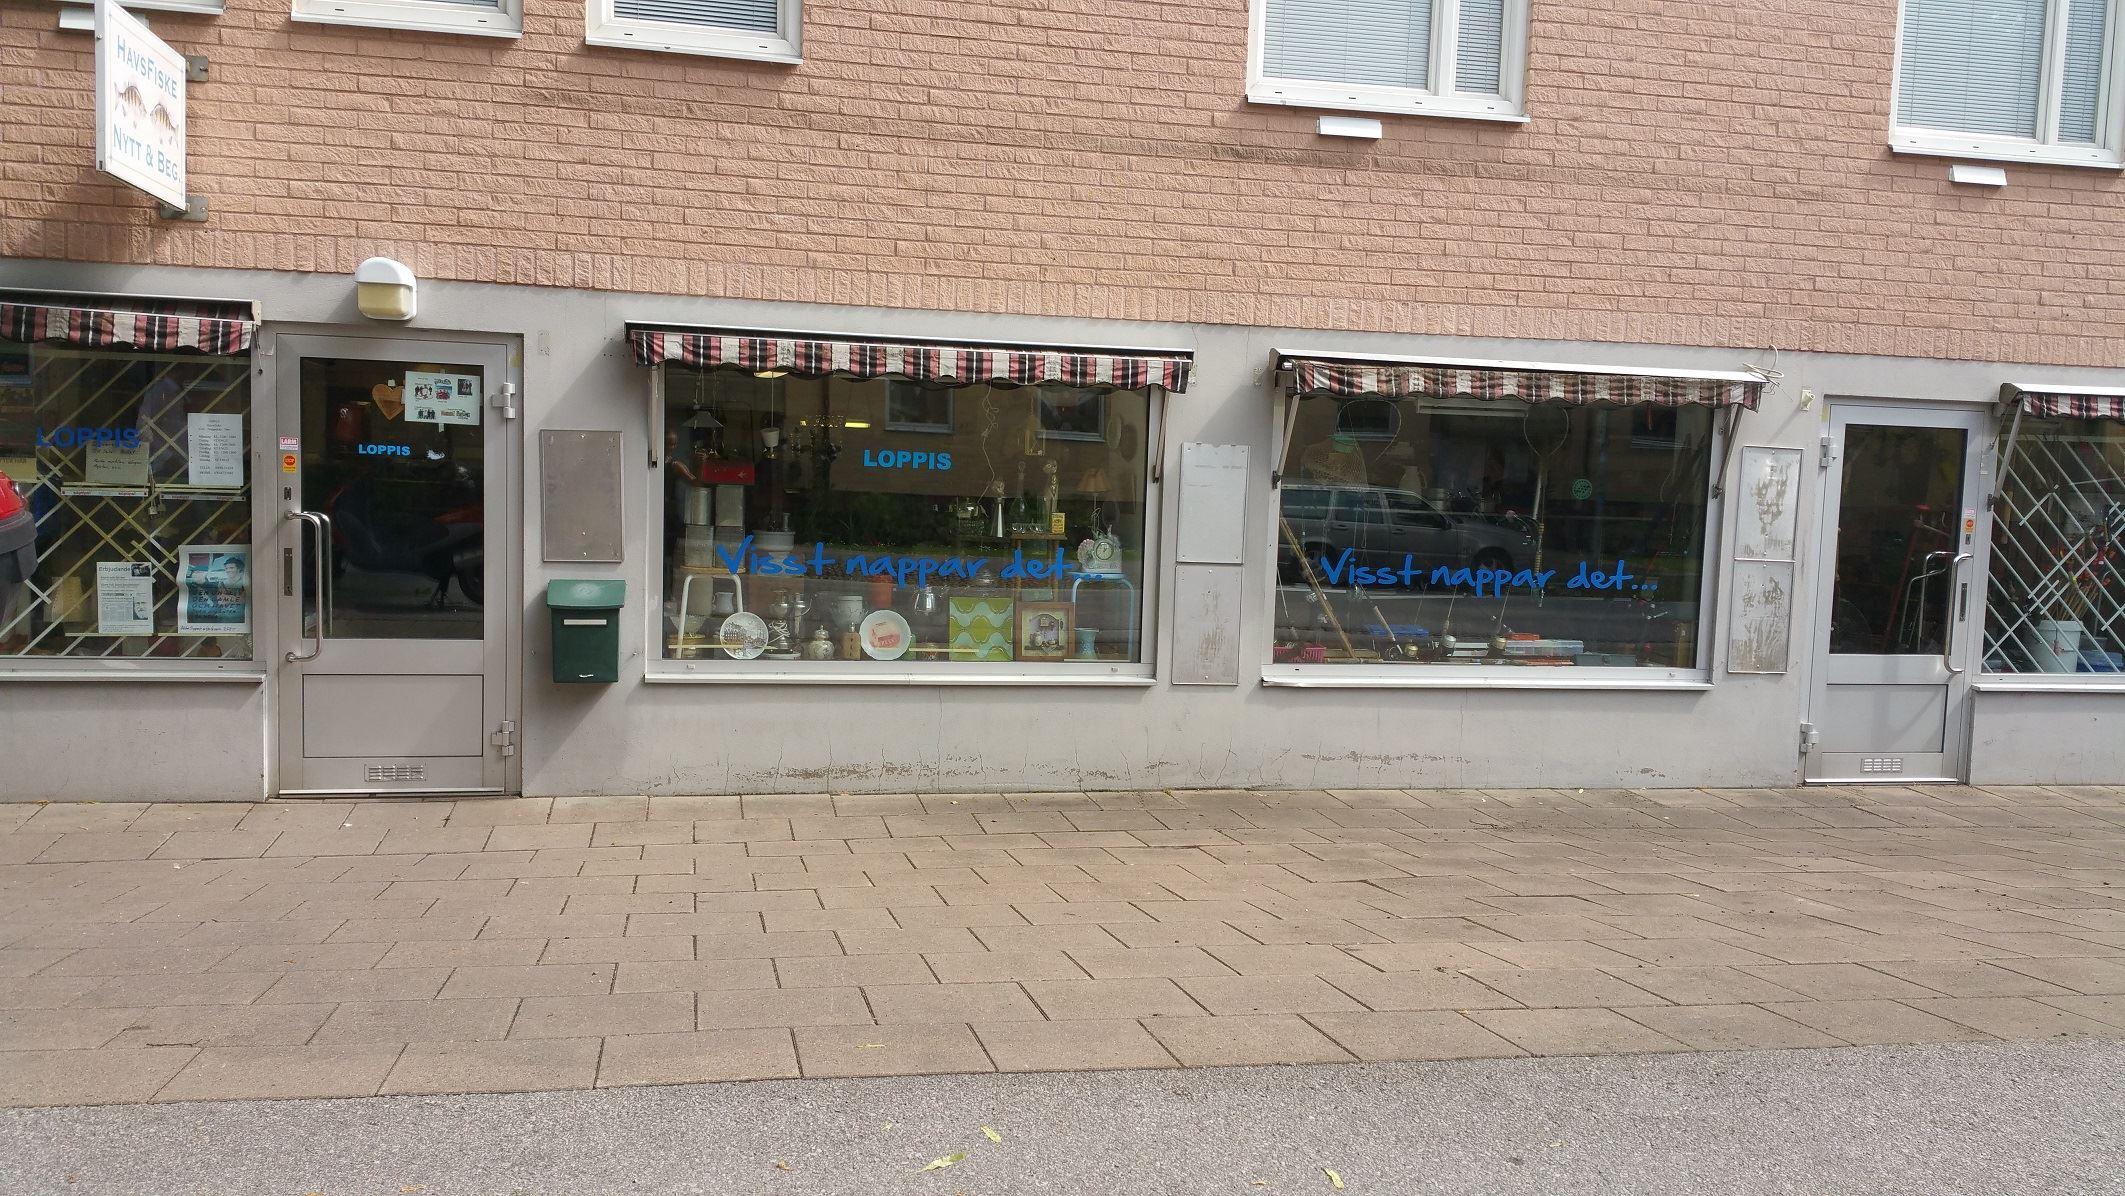 Havsfiske Nytt & Begagnat (Second hand)